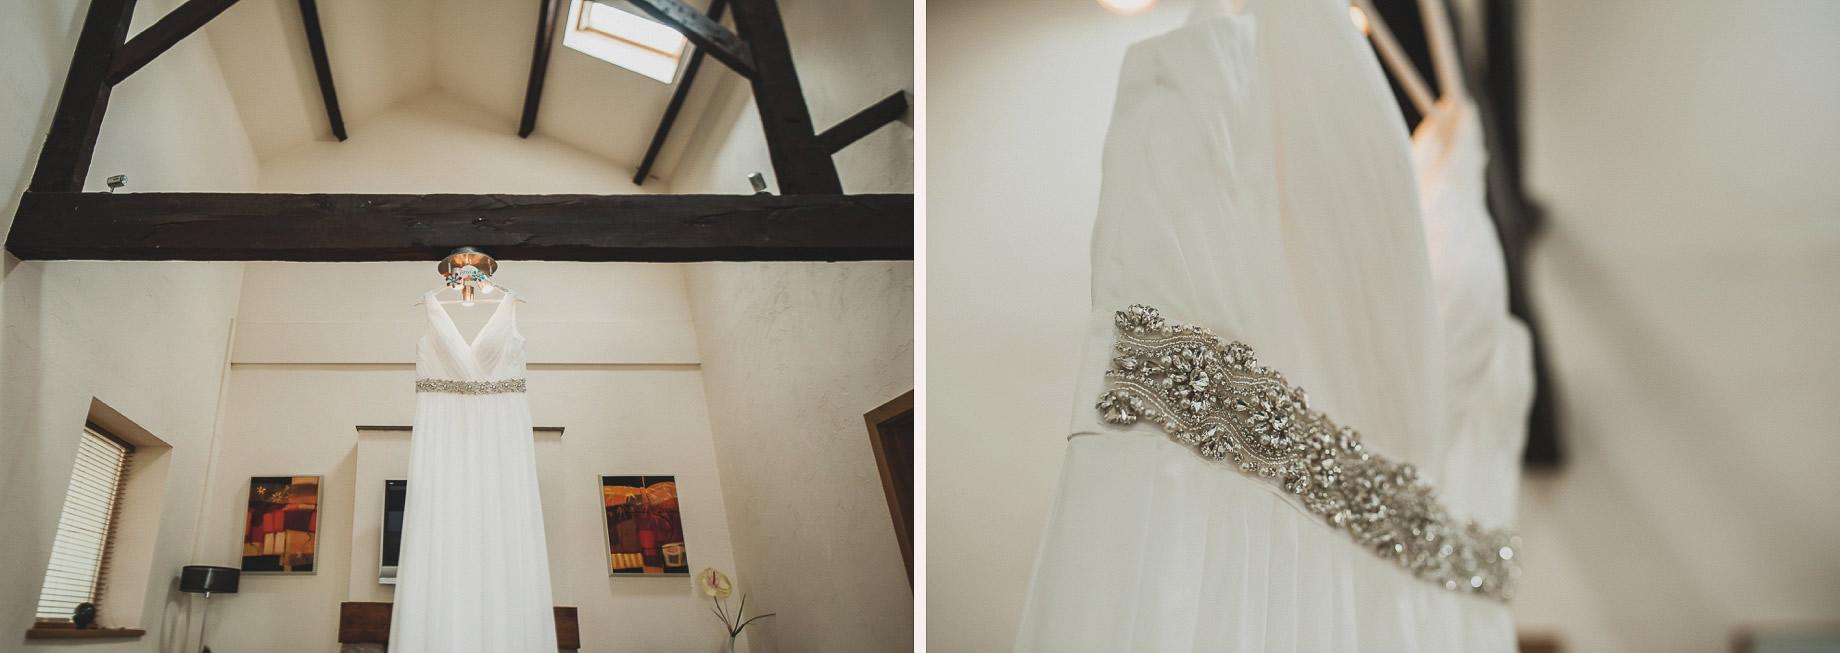 Becky and John's Wedding at Slaidburn Village Hall 007